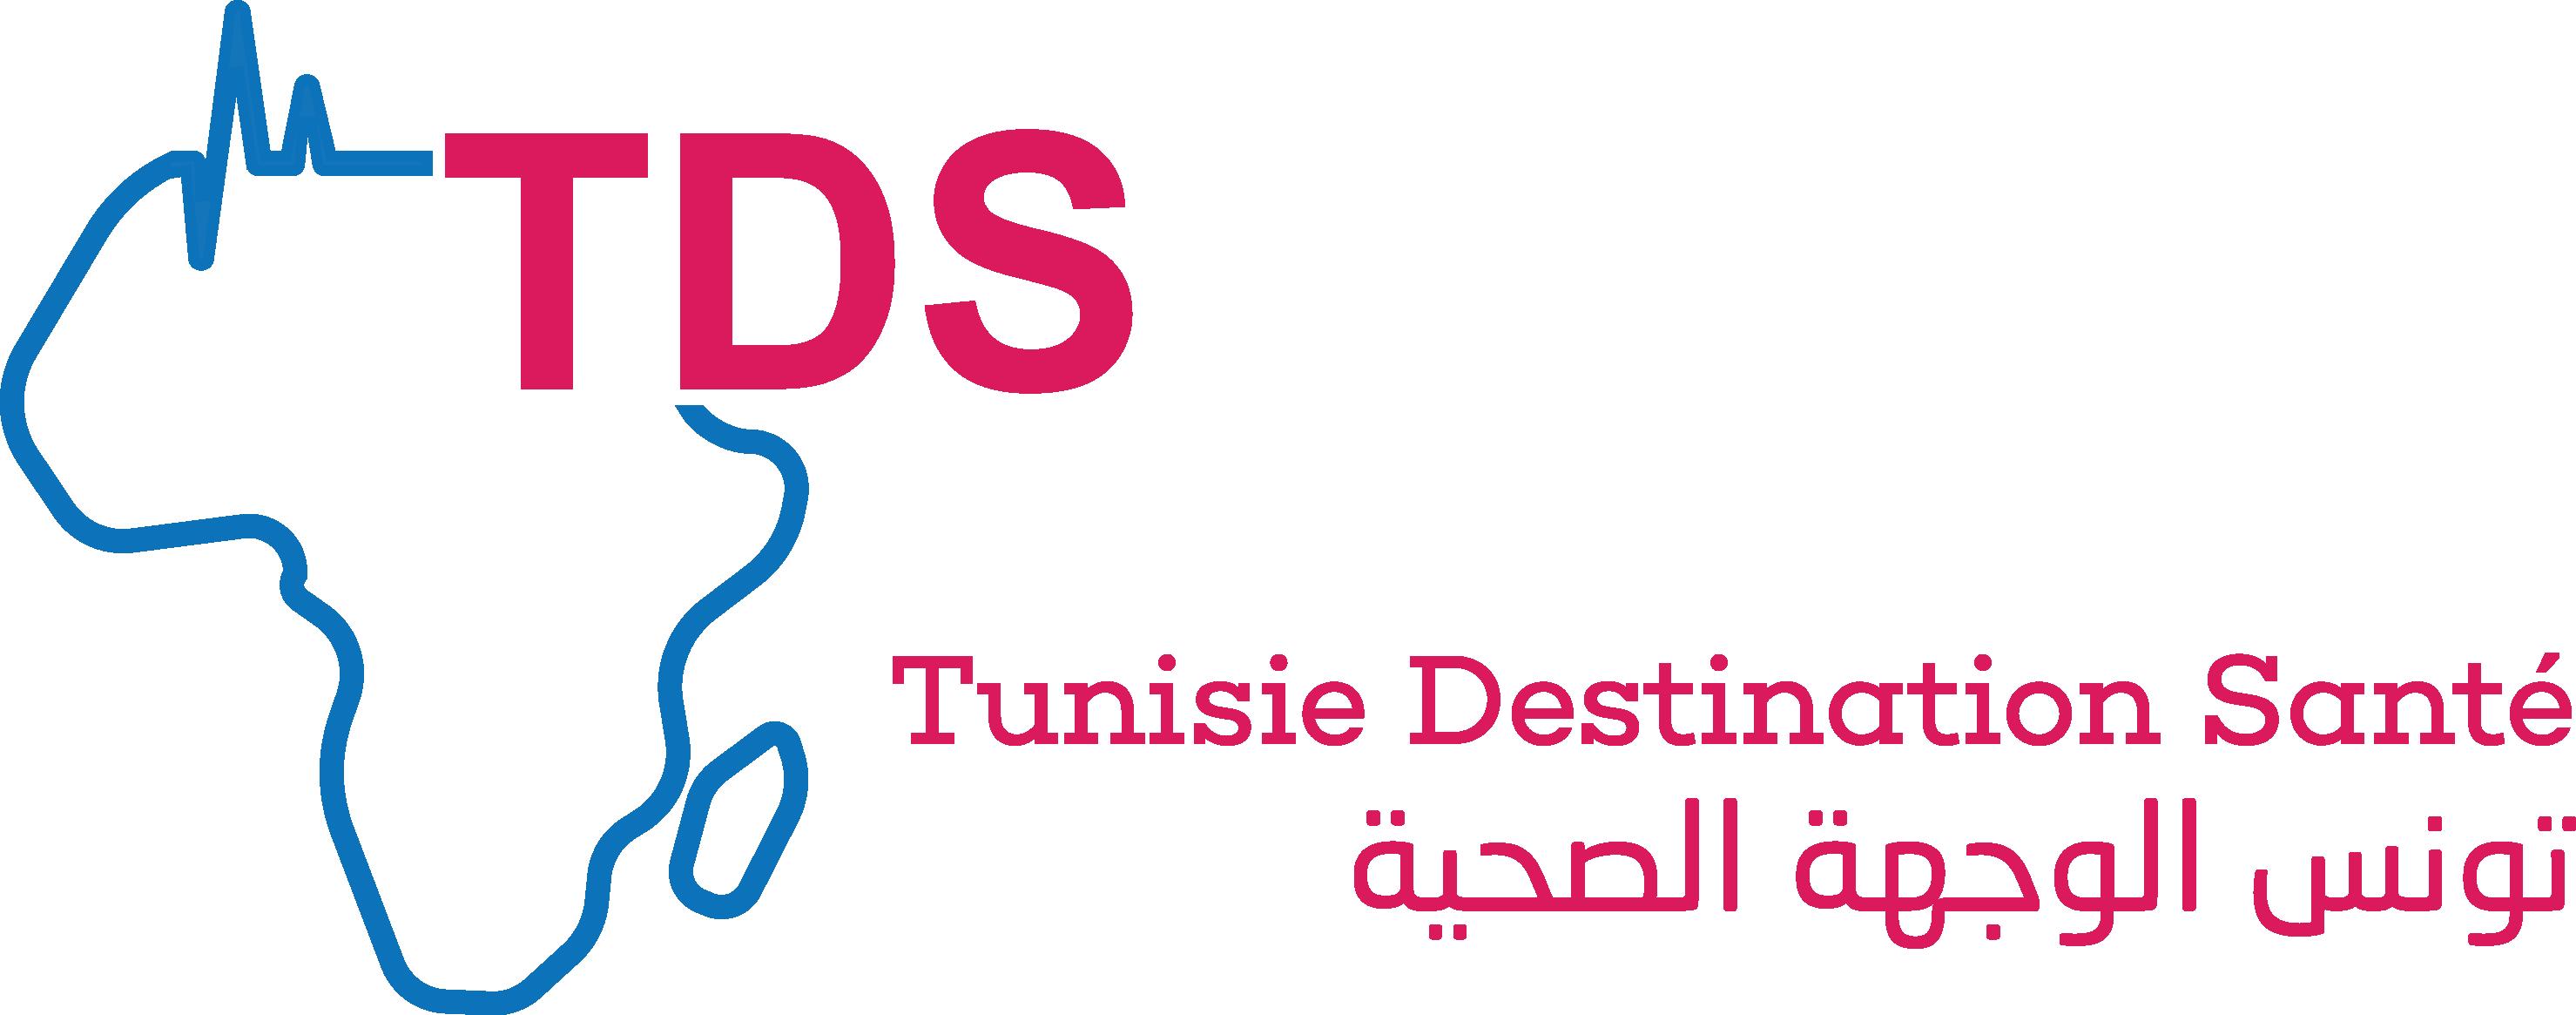 تونس الوجهة الصحية